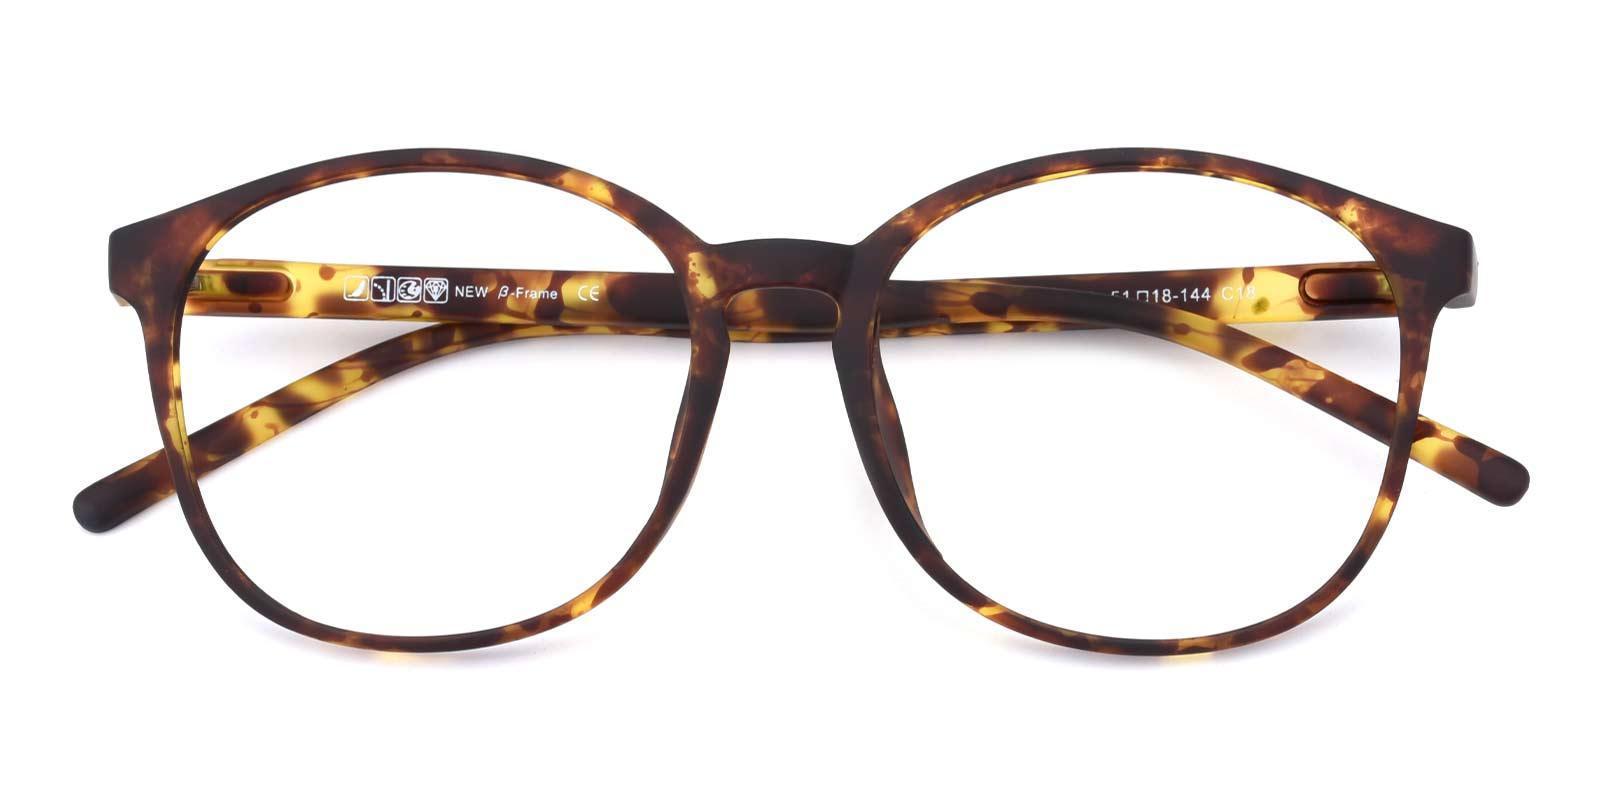 Kolins-Leopard-Square-TR-Eyeglasses-detail